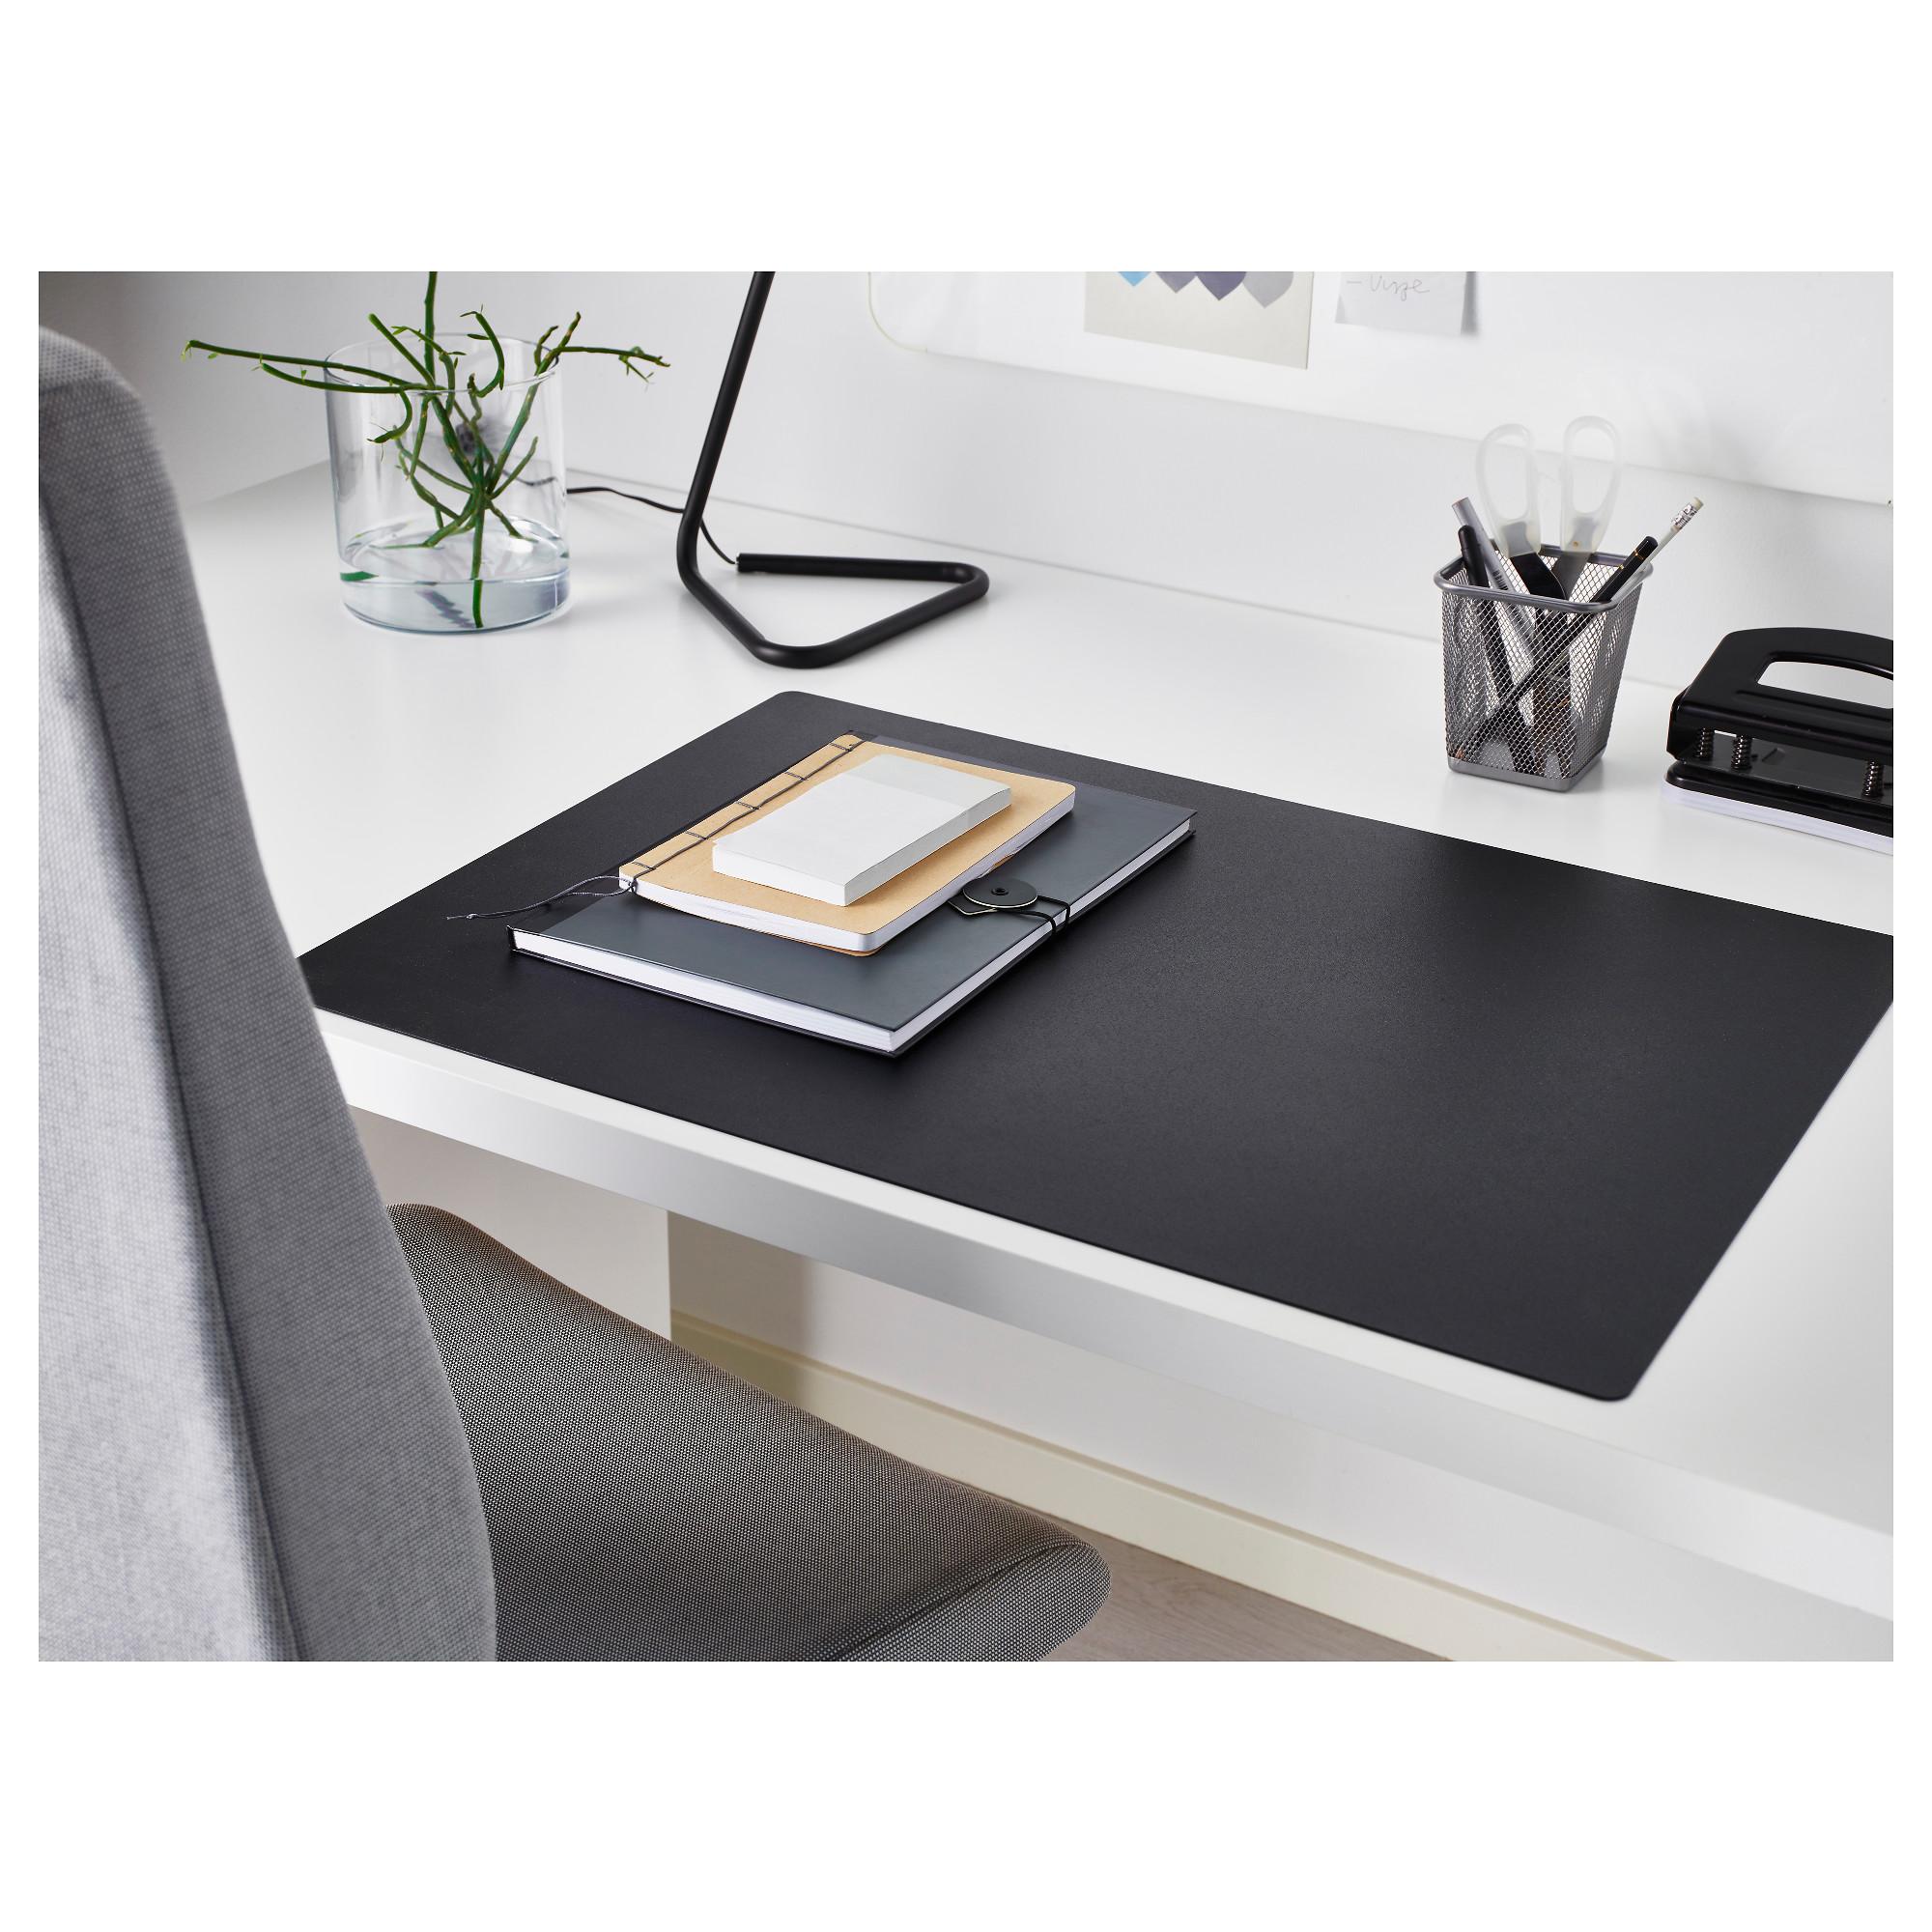 SKRUTT desk pad